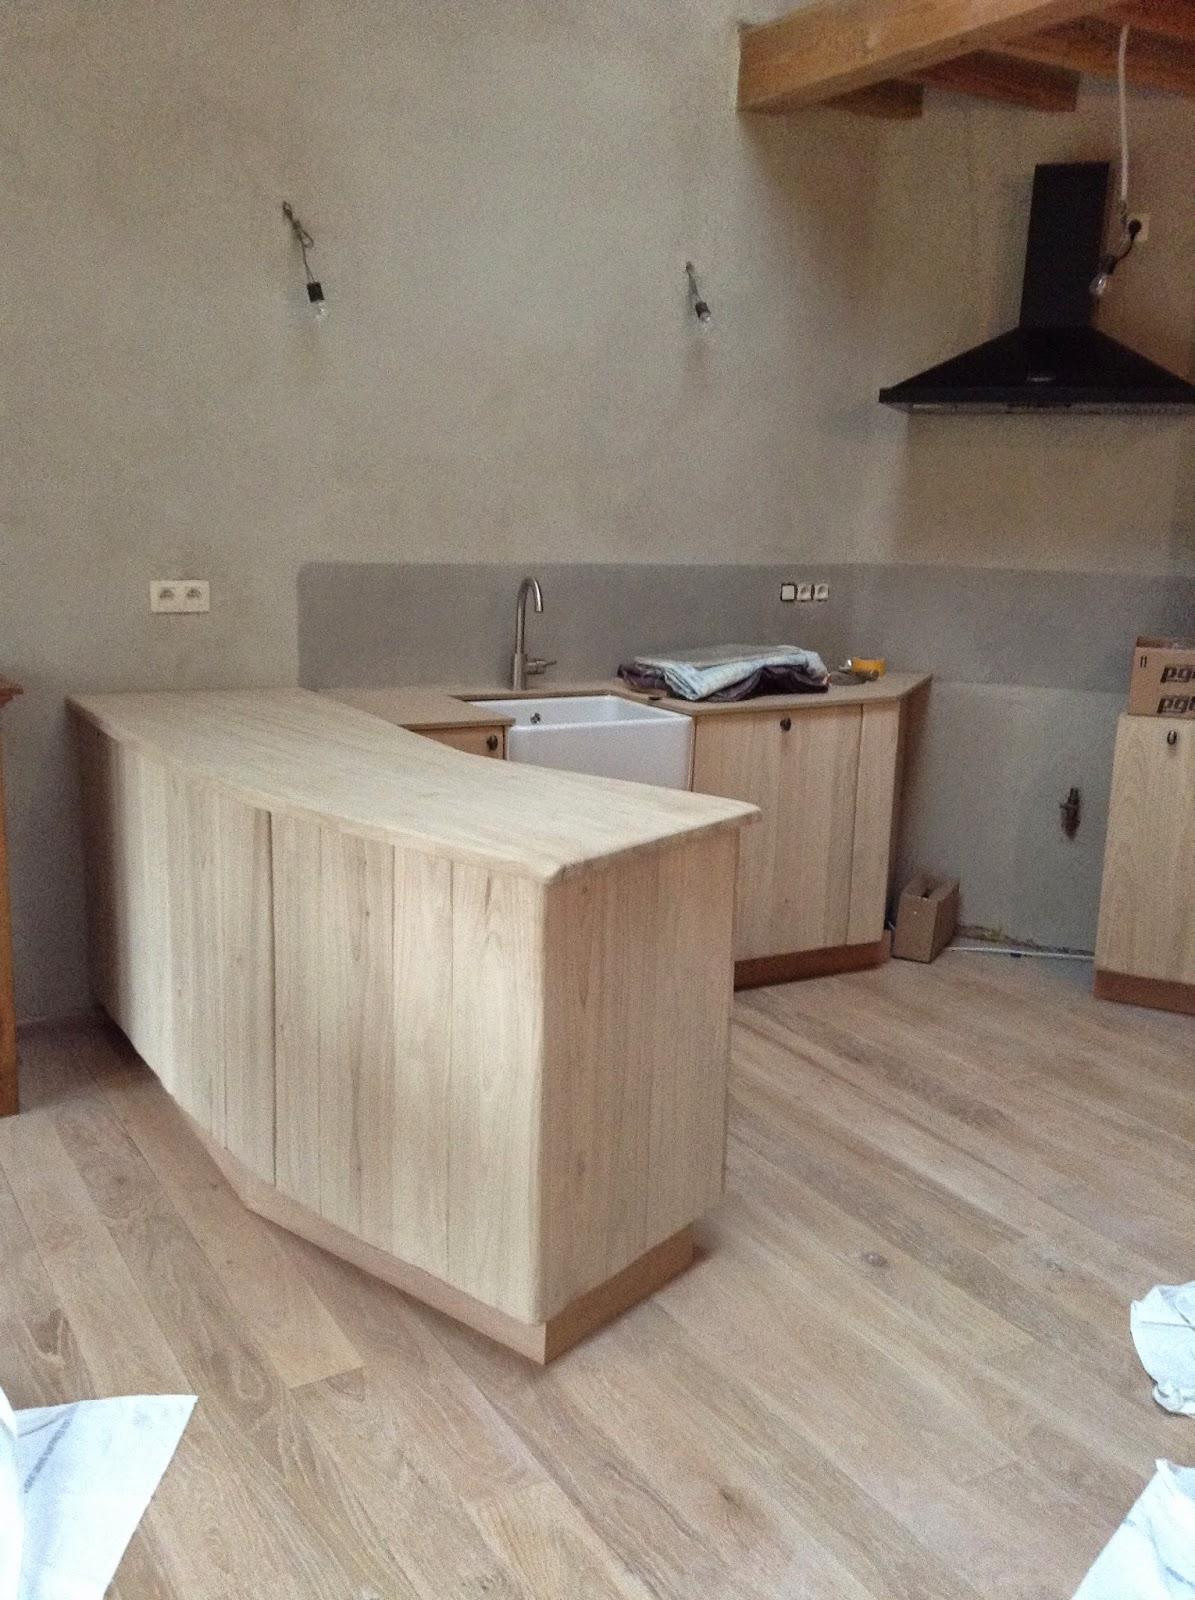 kastanje keuken kast door schrijnwerker François Bosch uit Lier